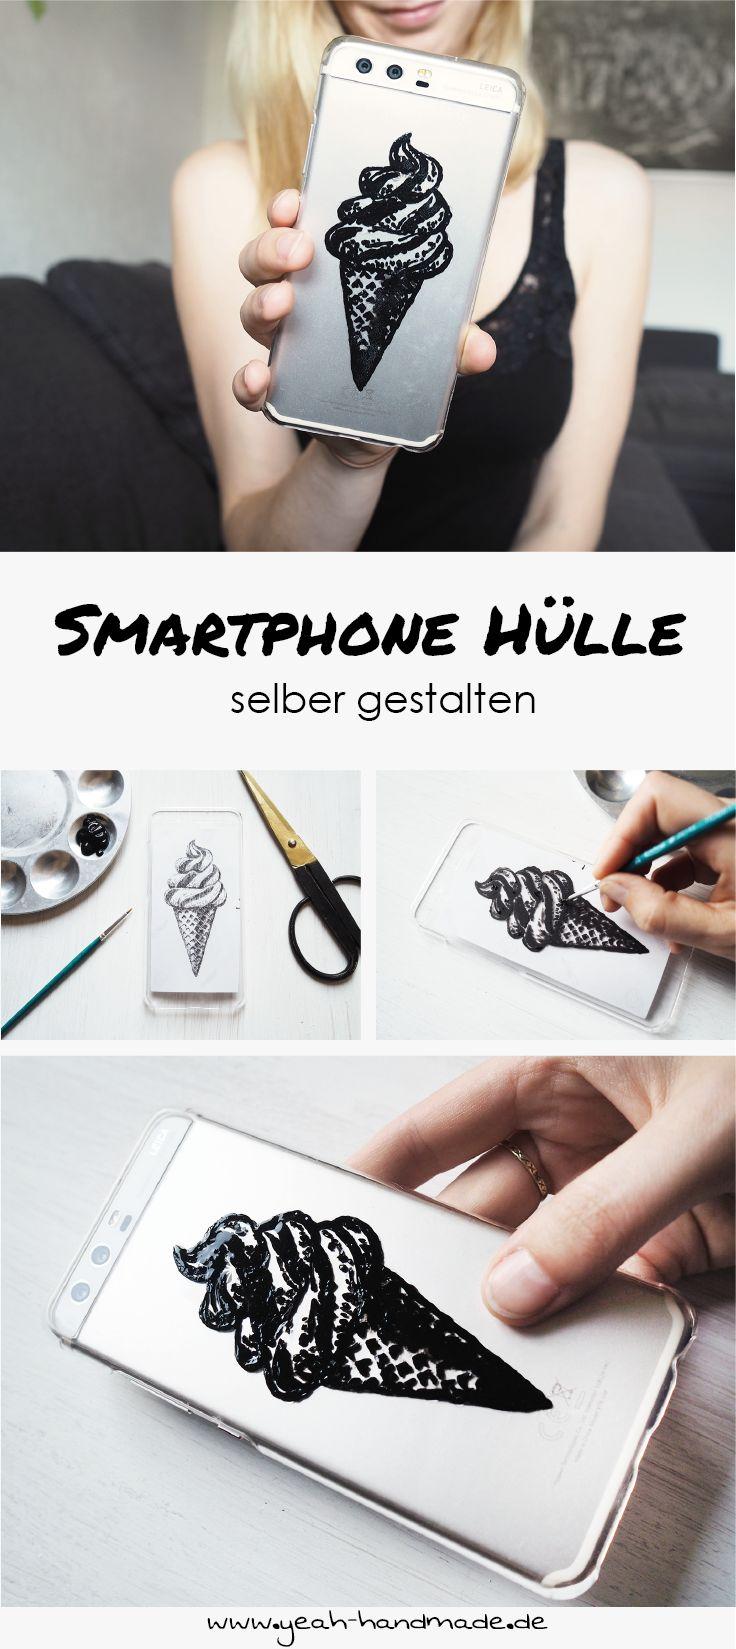 DIY Smartphone Hülle selber gestalten. Mit Acrylfarbe das eigene Lieblingsmotiv stoßfest auf die Handyhülle bringen. DIY Anleitung auf Yeah Handmade.